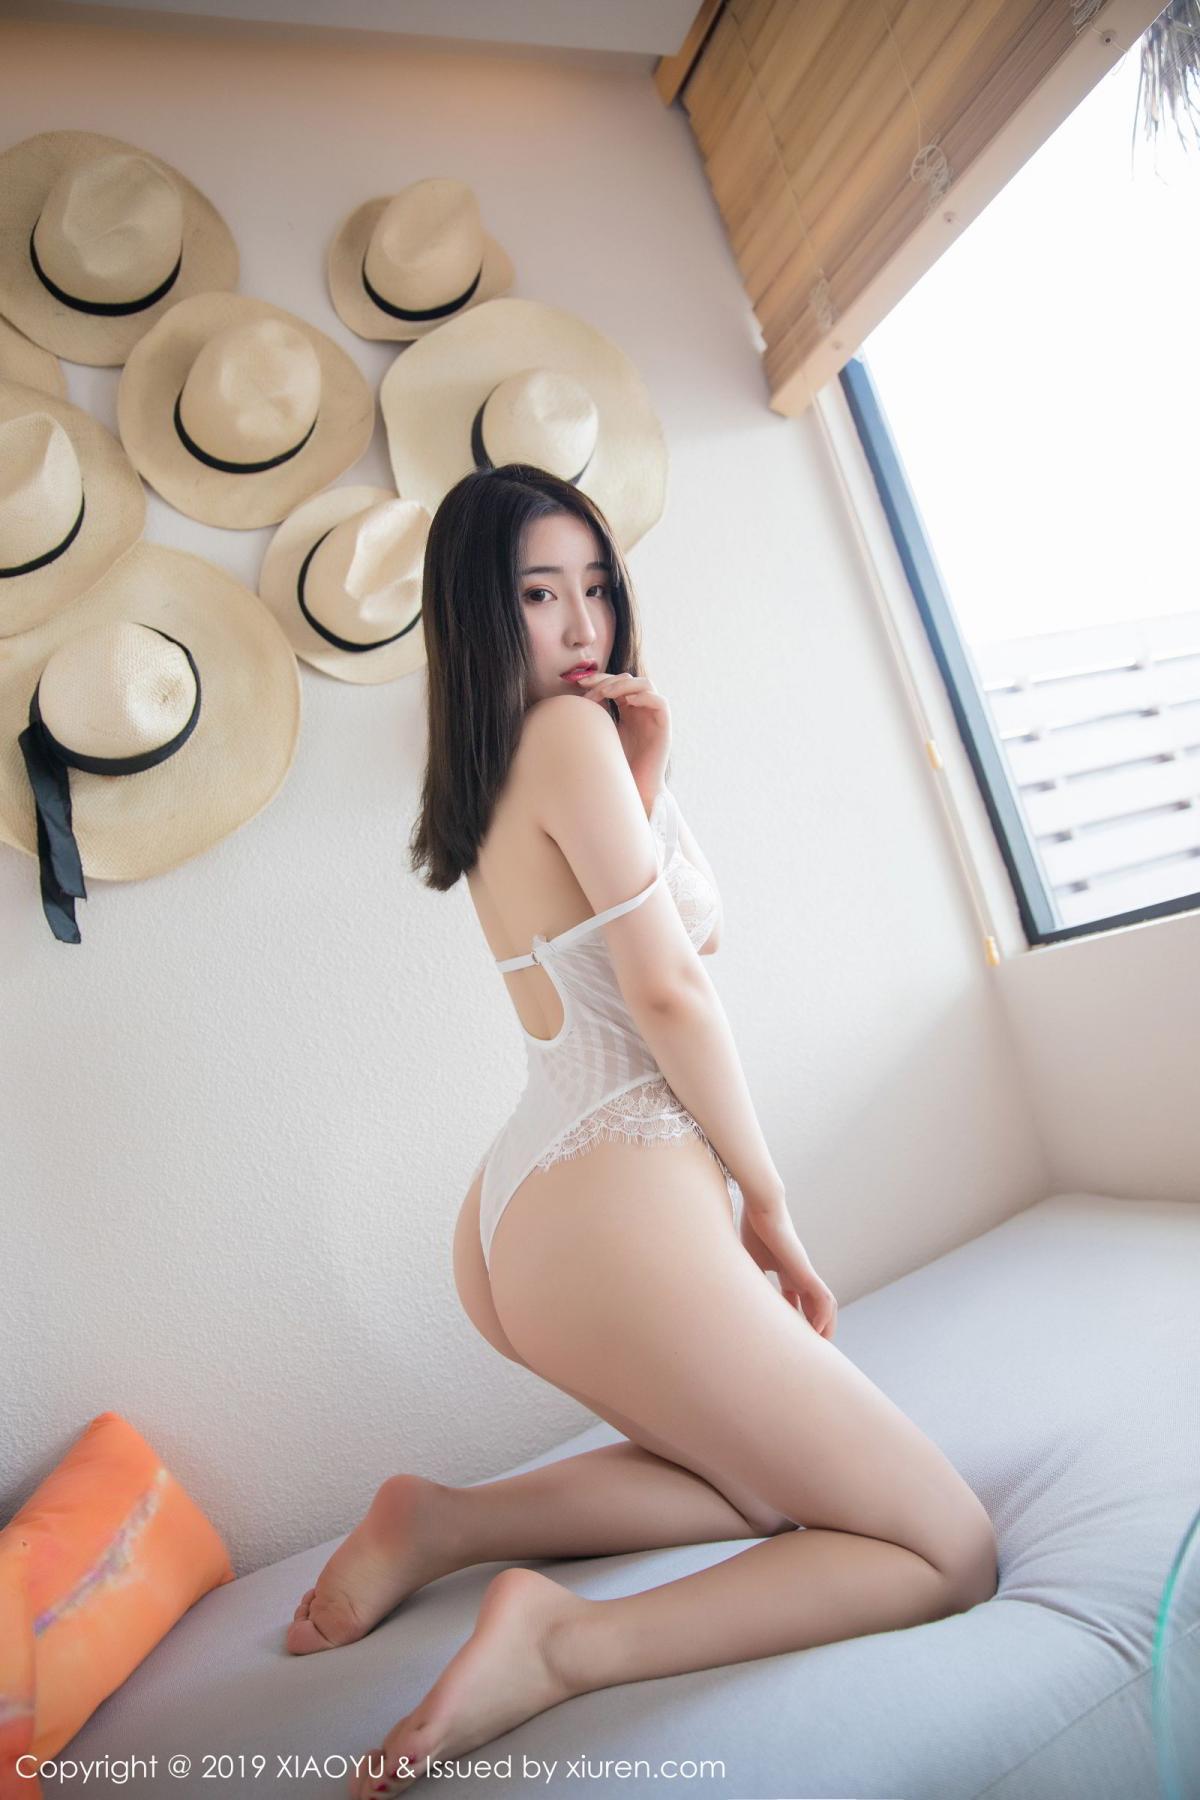 [XiaoYu] Vol.147 Xie Zhi Xin 5P, Bathroom, Big Booty, Wet, XiaoYu, Xie Zhi Xin